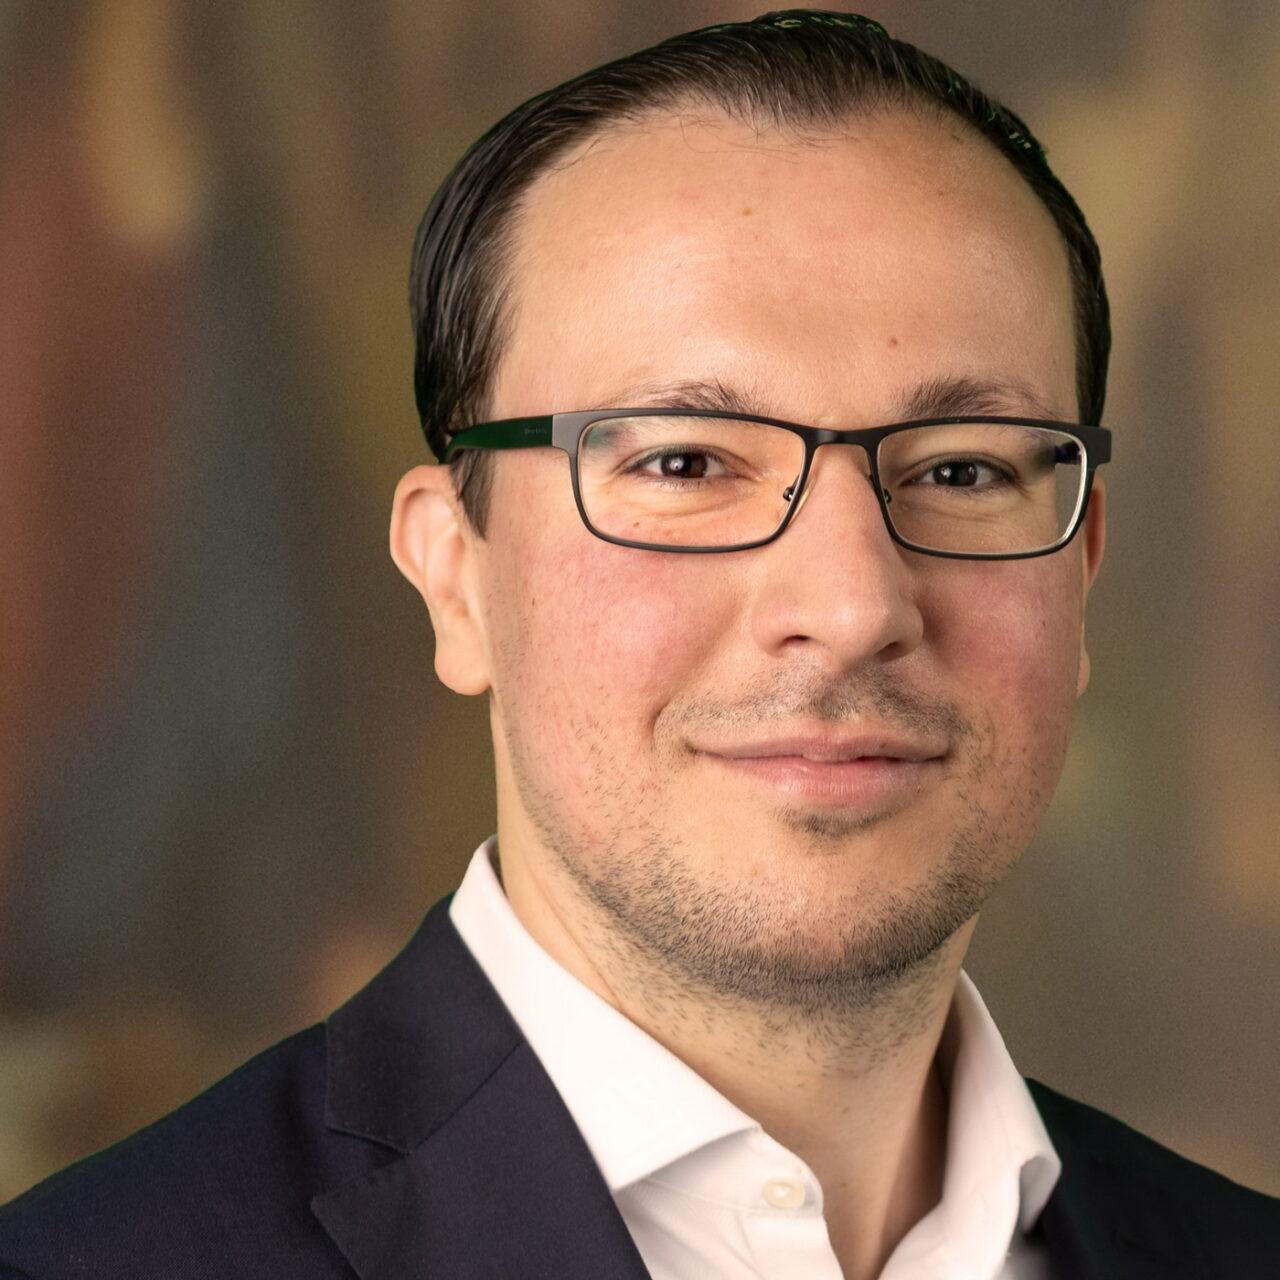 Silvio Müller wechselt zu Palmira Capital Partners